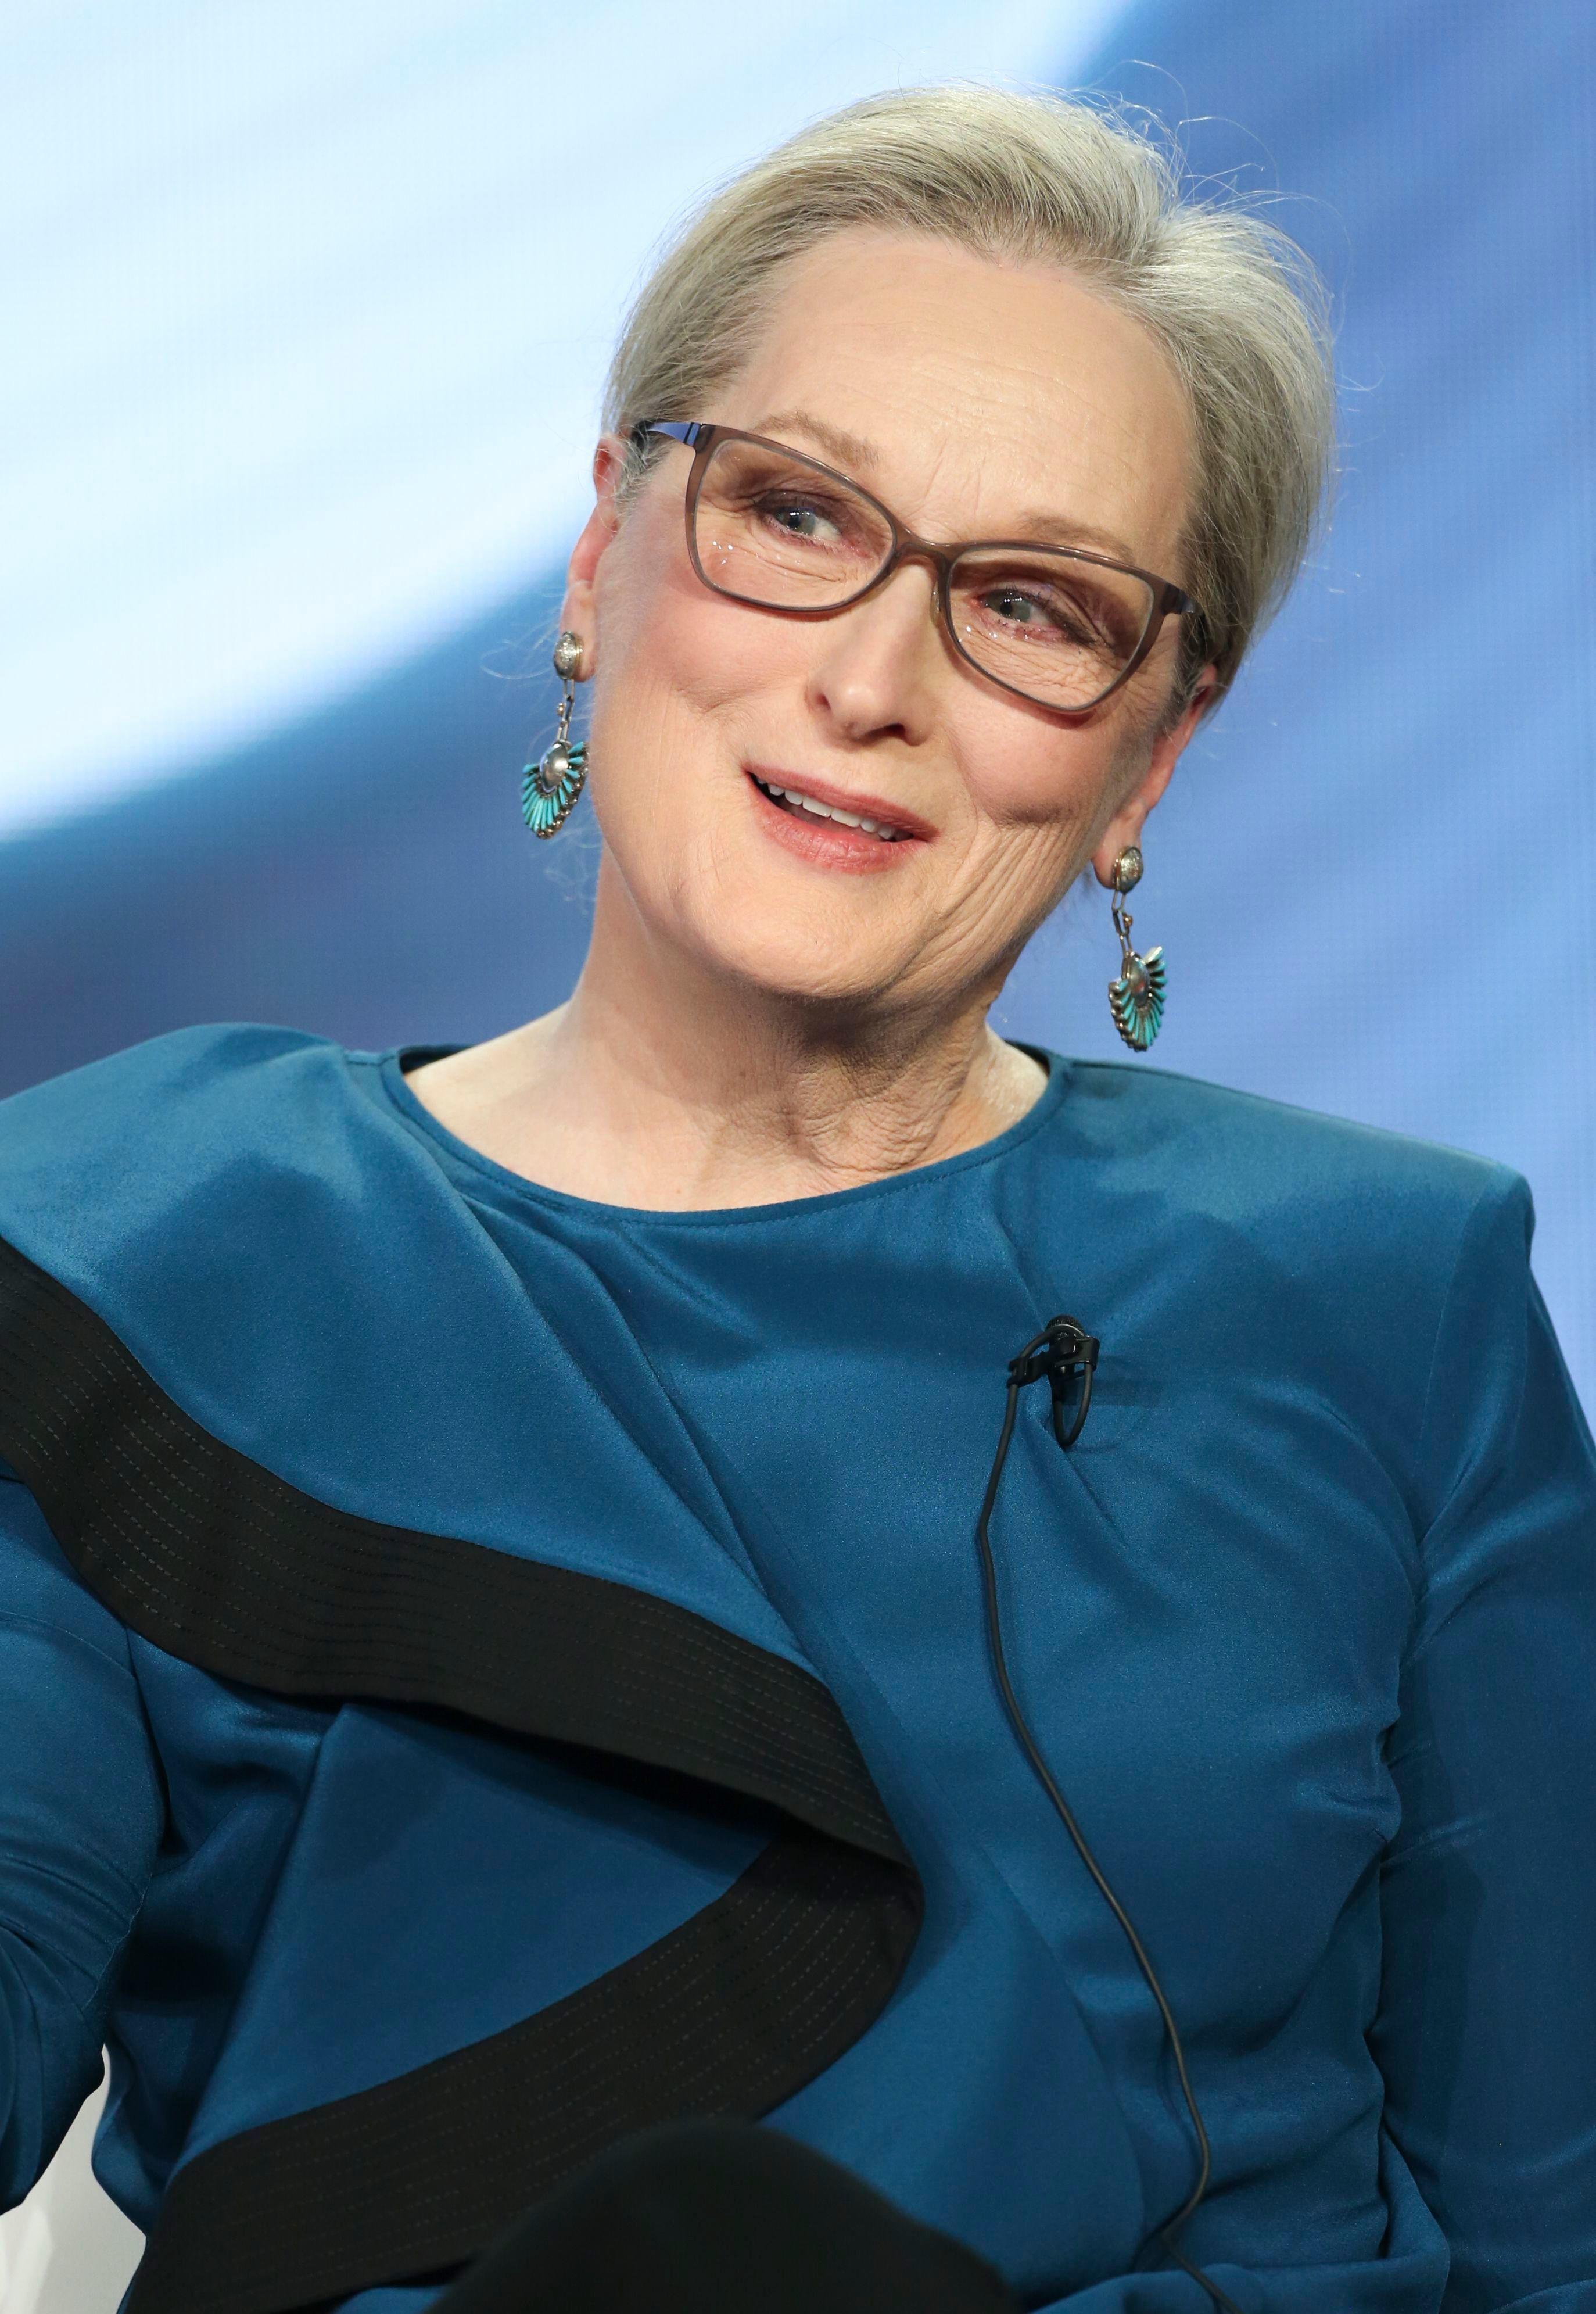 """Meryl Streep speaks at the HBO """"Big Little Lies"""" panel in Los Angeles on Feb. 8, 2019."""